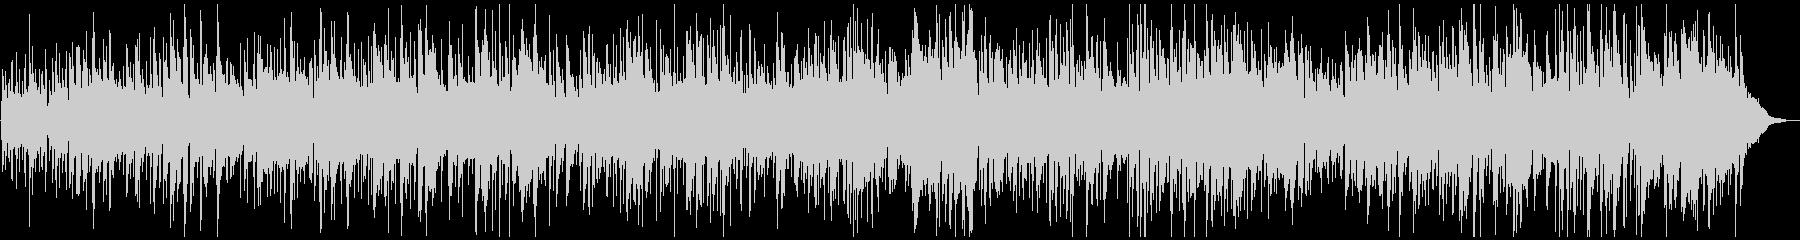 軽快なビー・パップ調JAZZのBGMの未再生の波形